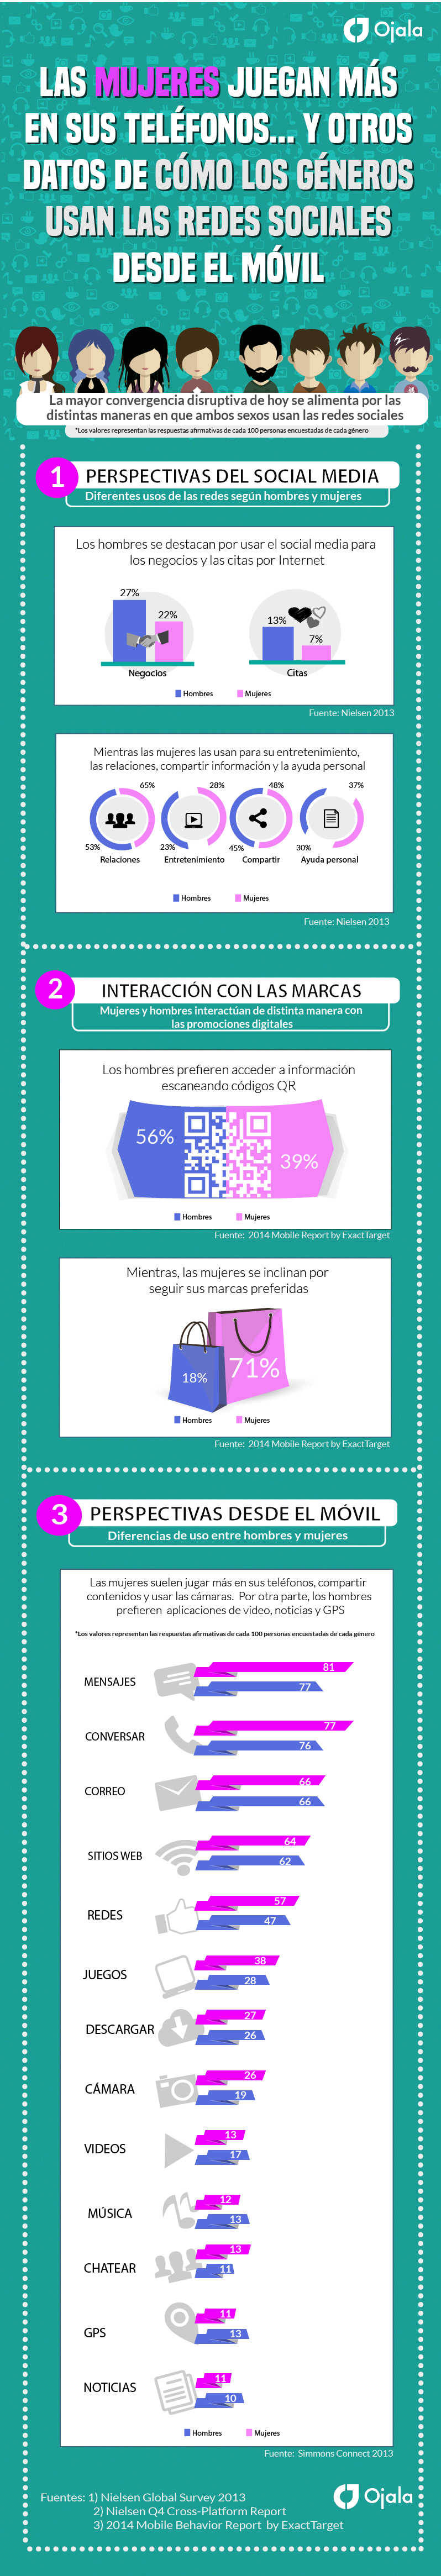 Mujeres y hombres NO usan el móvil de la misma forma #infografia #infographic #marketing